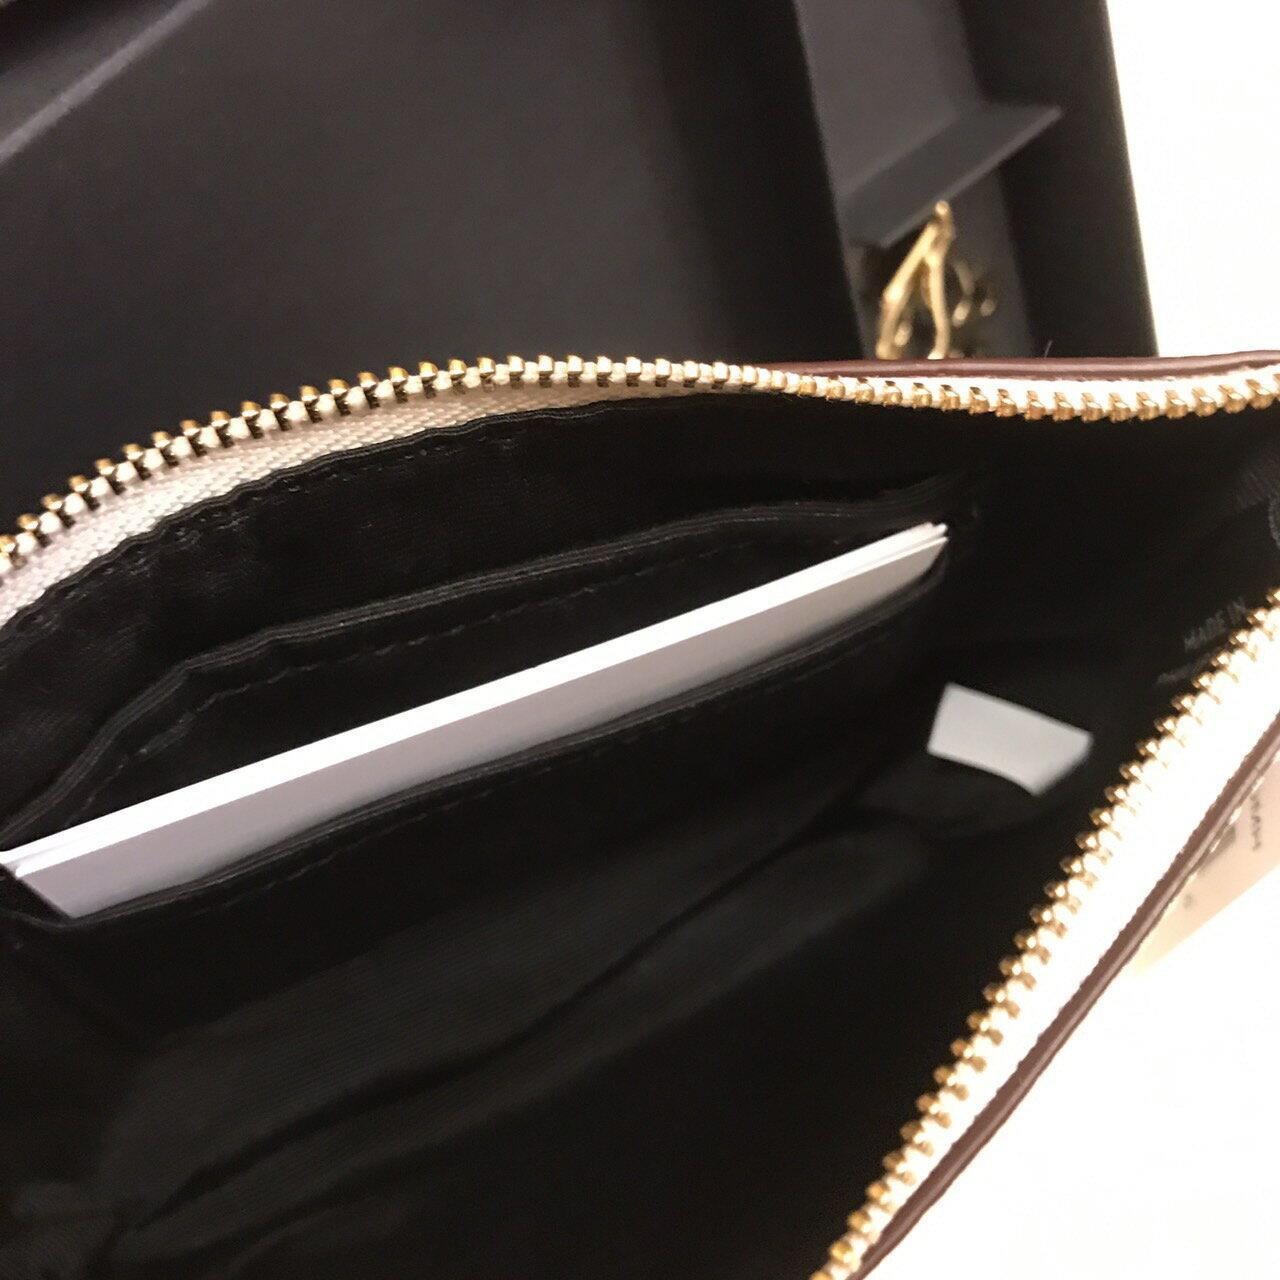 【COACH】限量|蝴蝶愛心吊飾手拿包禮盒組(白色)  ARIBOBO 艾莉波波 2